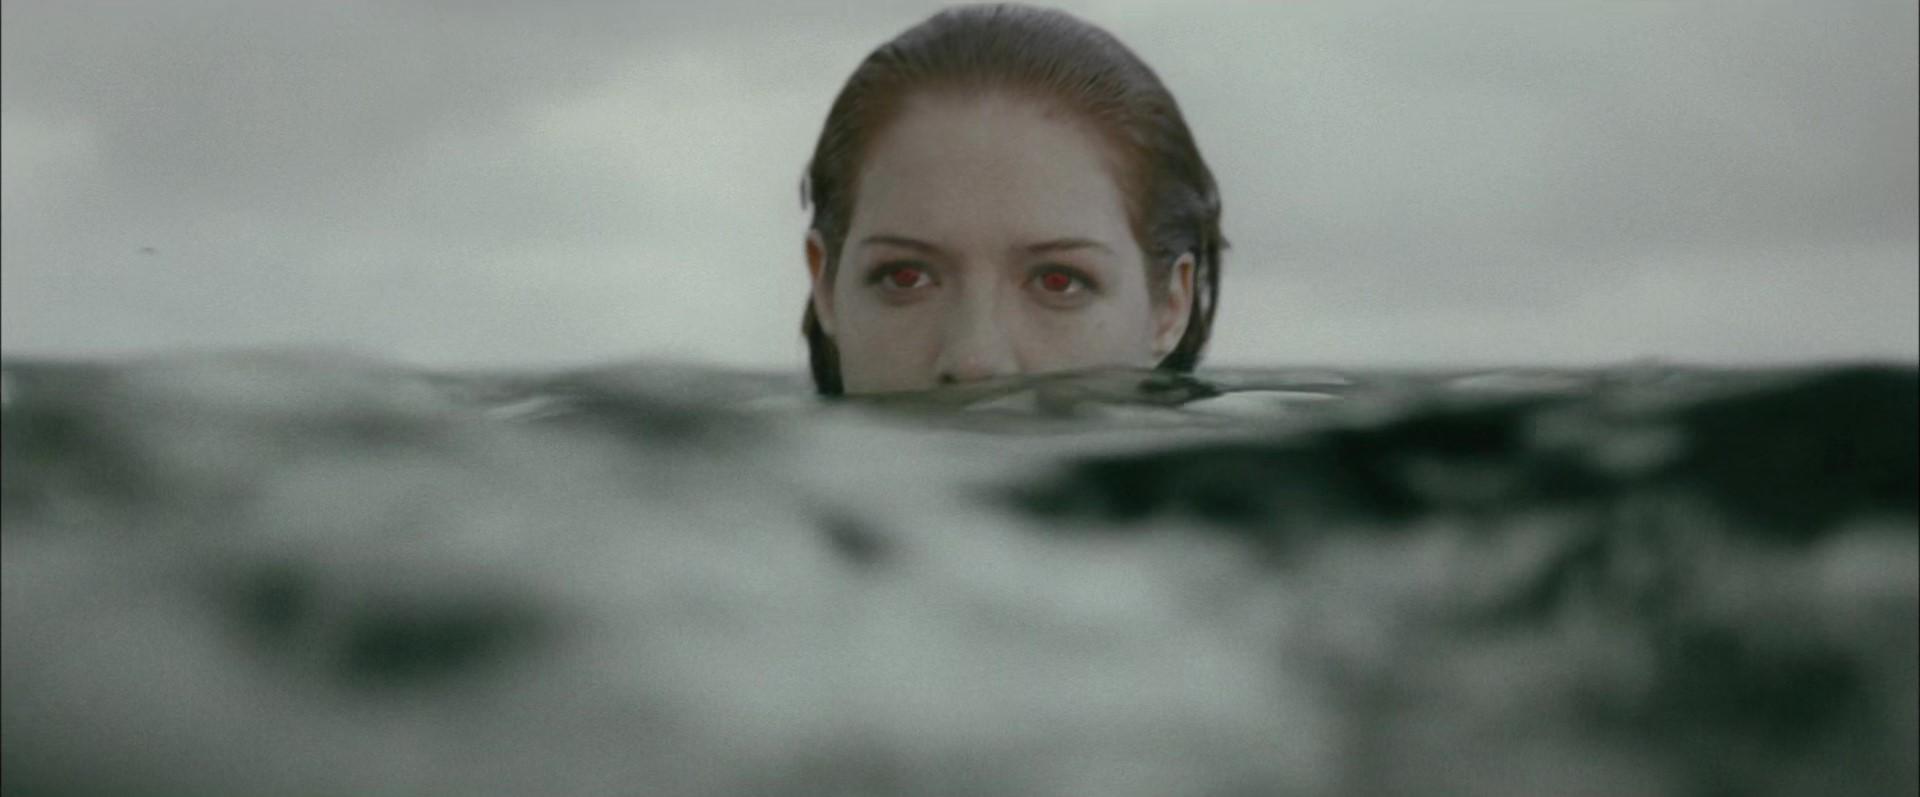 File:Victoria underwater.jpg